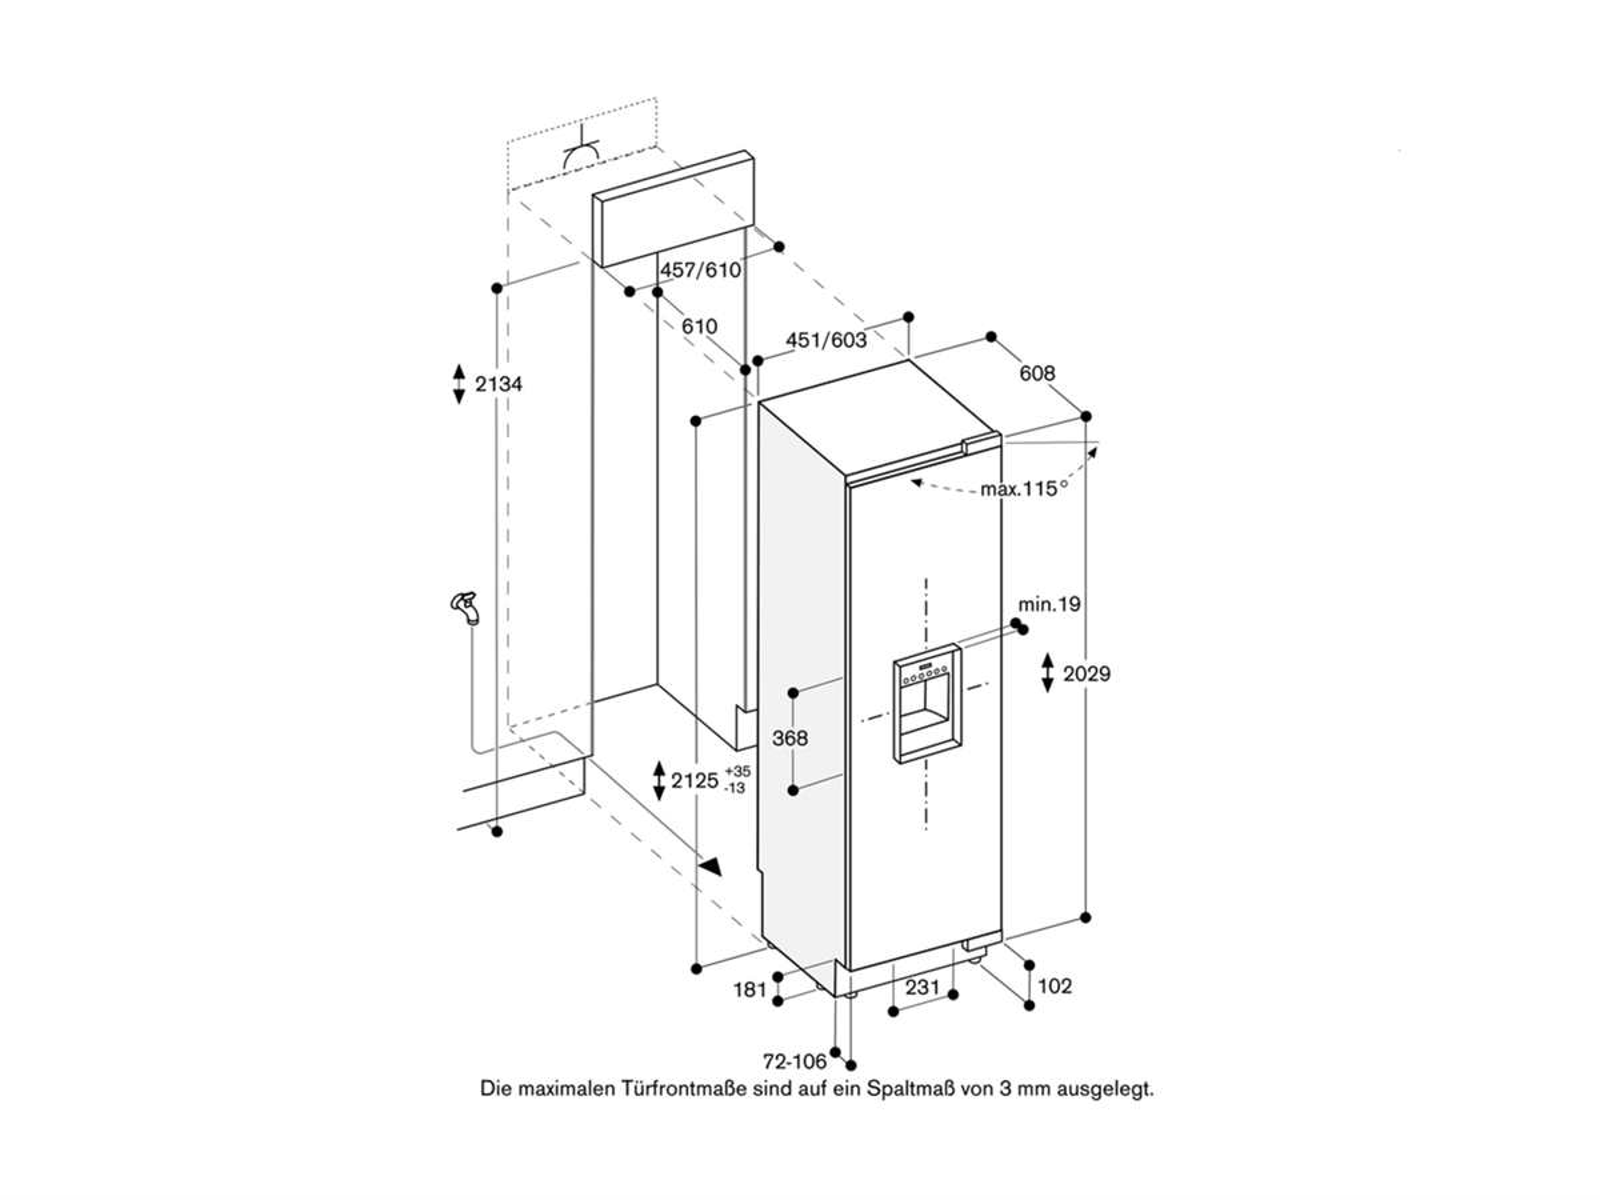 Gaggenau RF 463 300 Serie 400 Einbaugefrierschrank